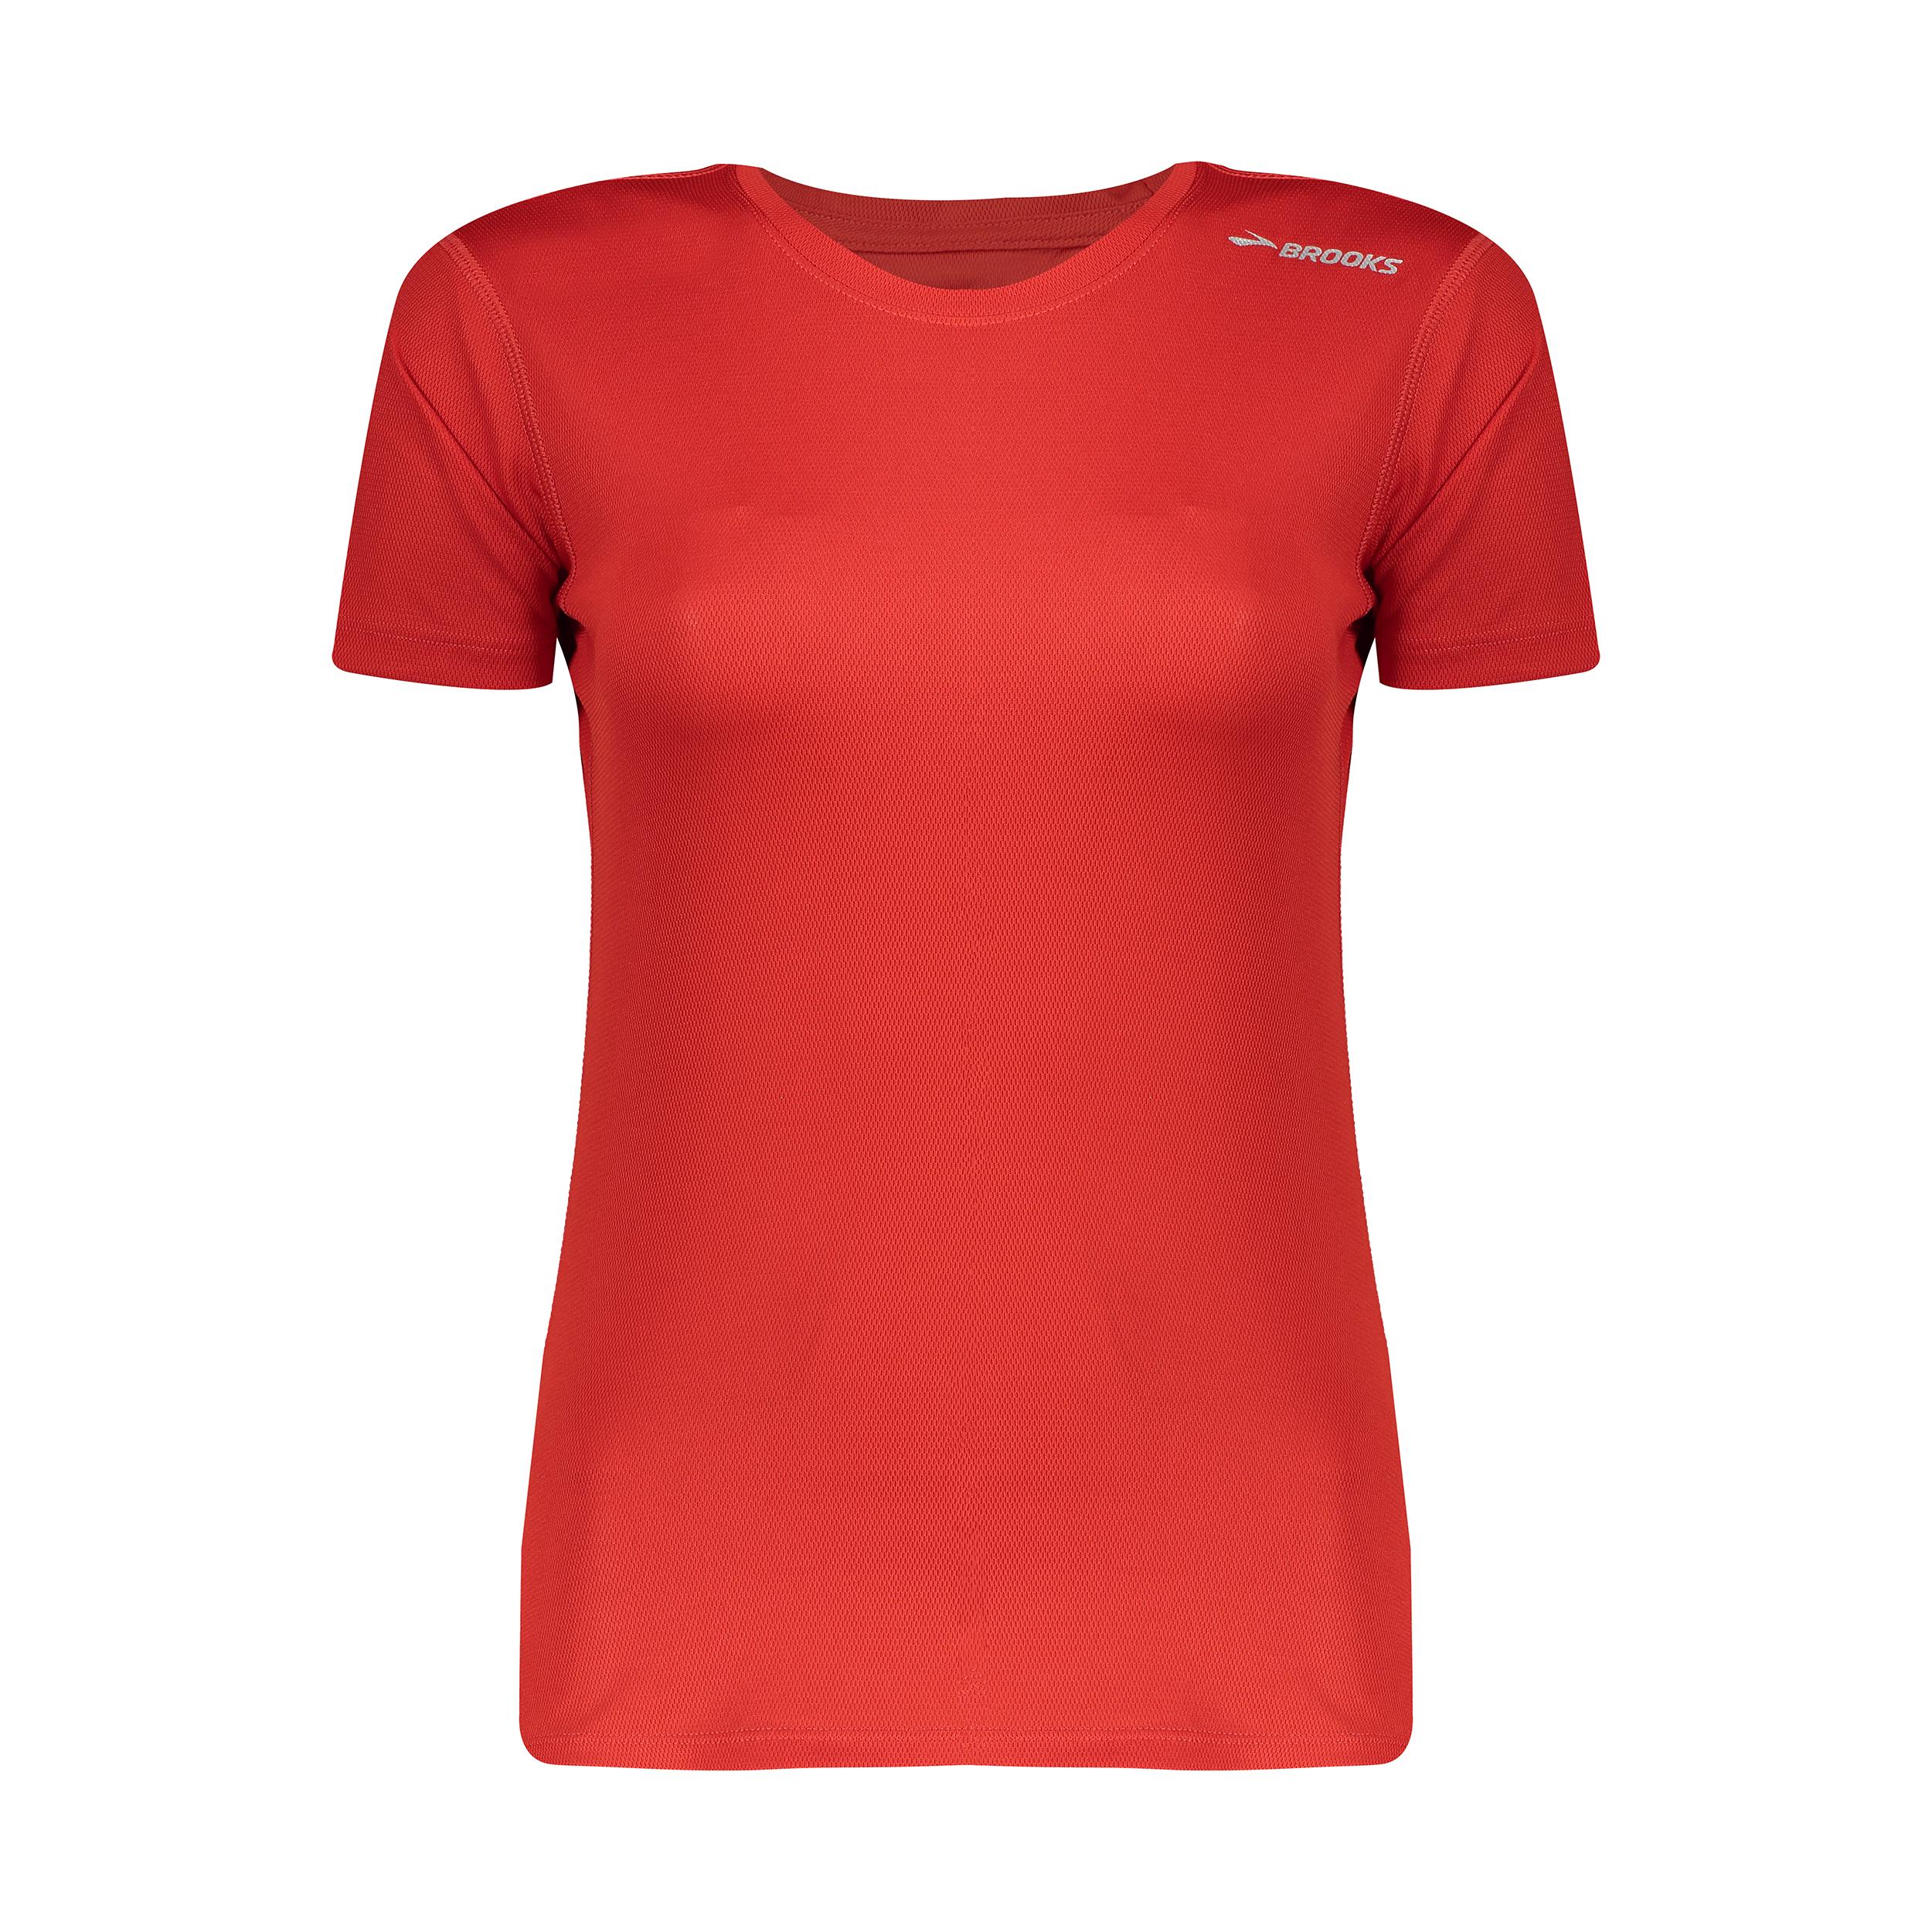 تیشرت ورزشی زنانه بروکس کد L-40